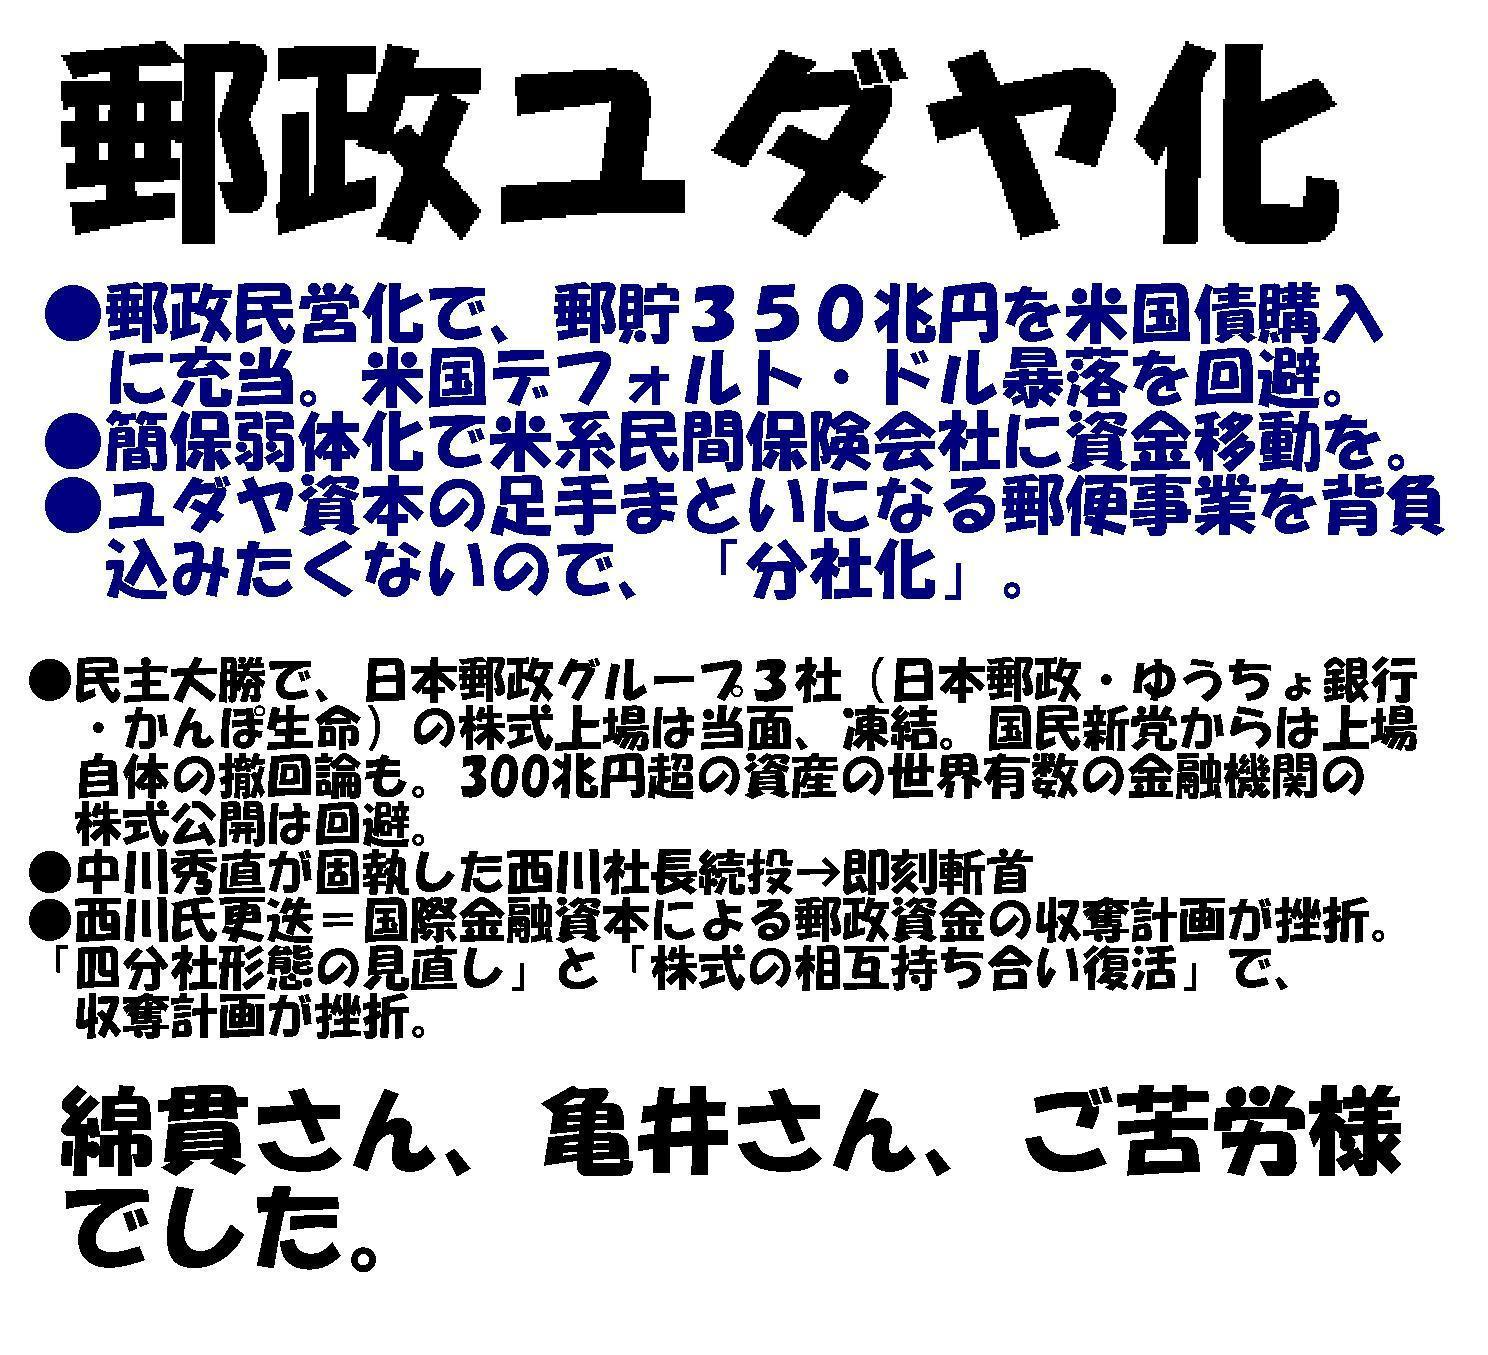 菅「光秀」総理閣下、ご苦労様でした。小沢総理、国家と国民のために今こそ命を賭して希代の名総理に!